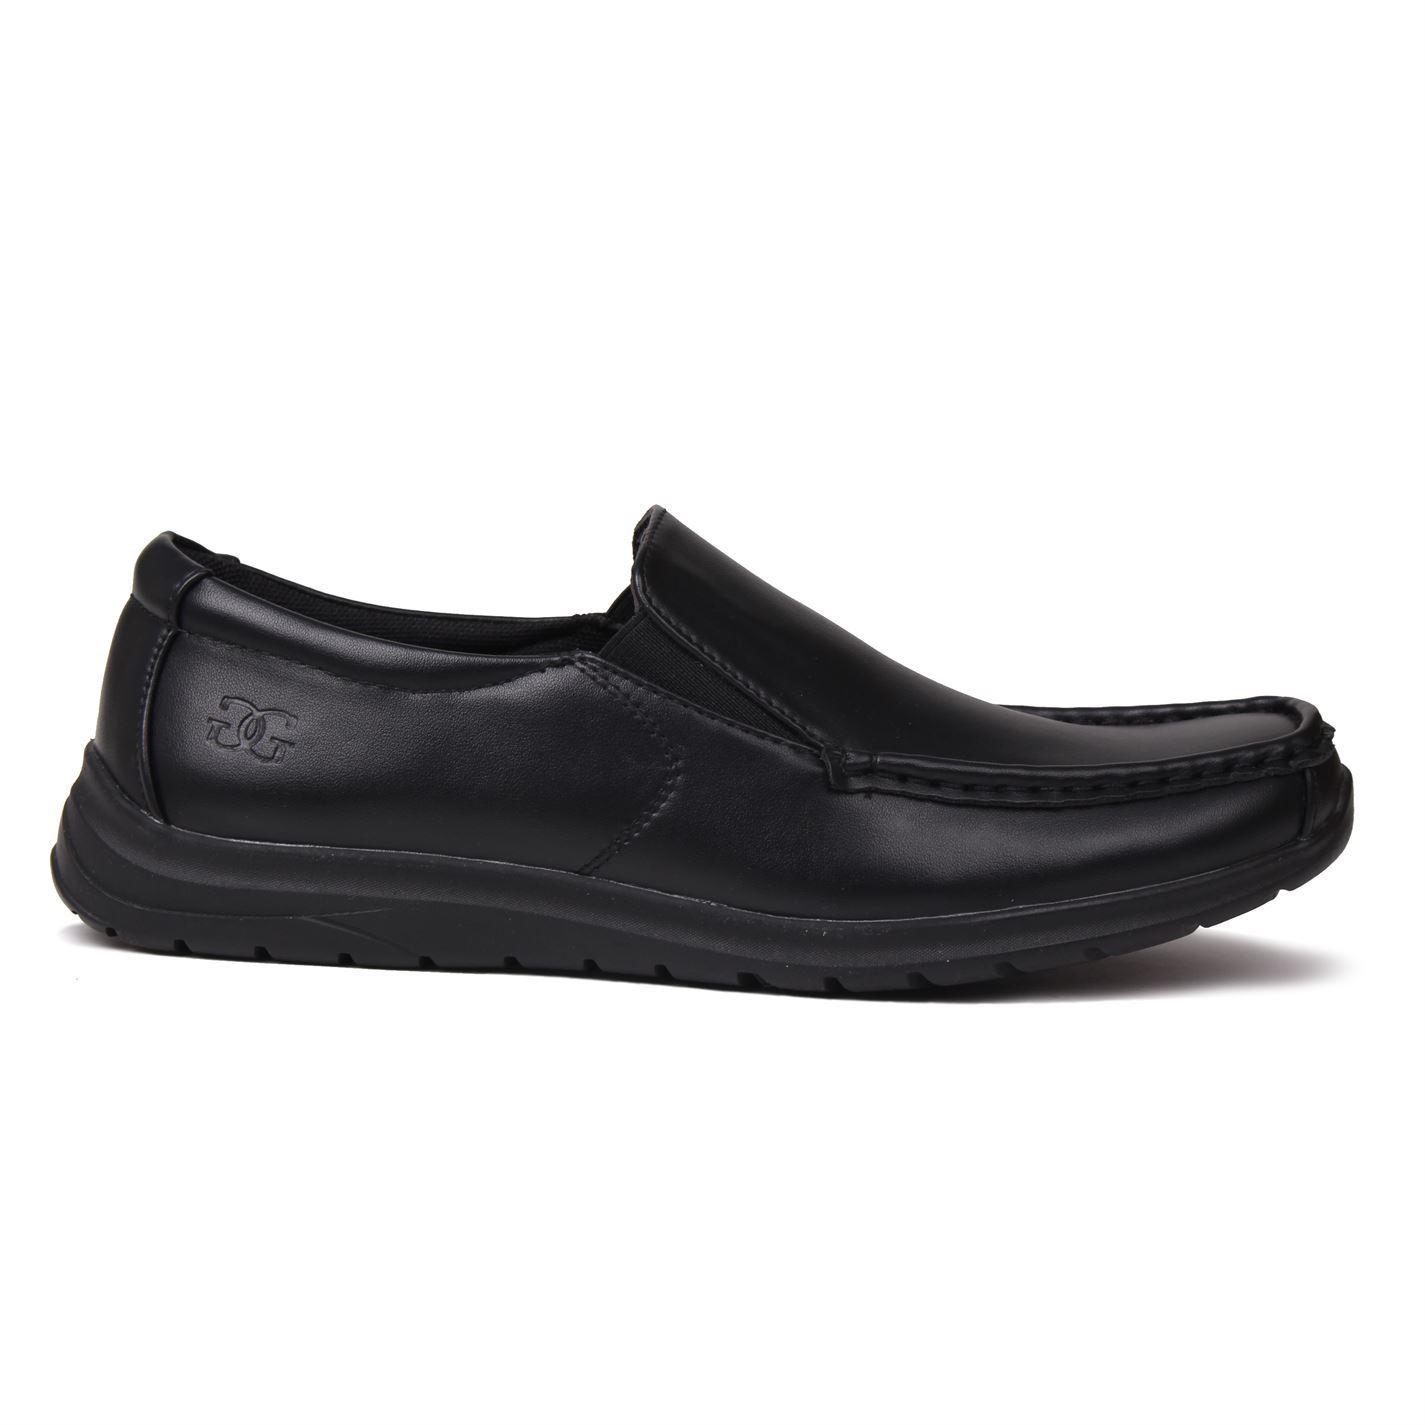 Giorgio Bexley Pour Homme Slip Chaussures Moc Toe sur